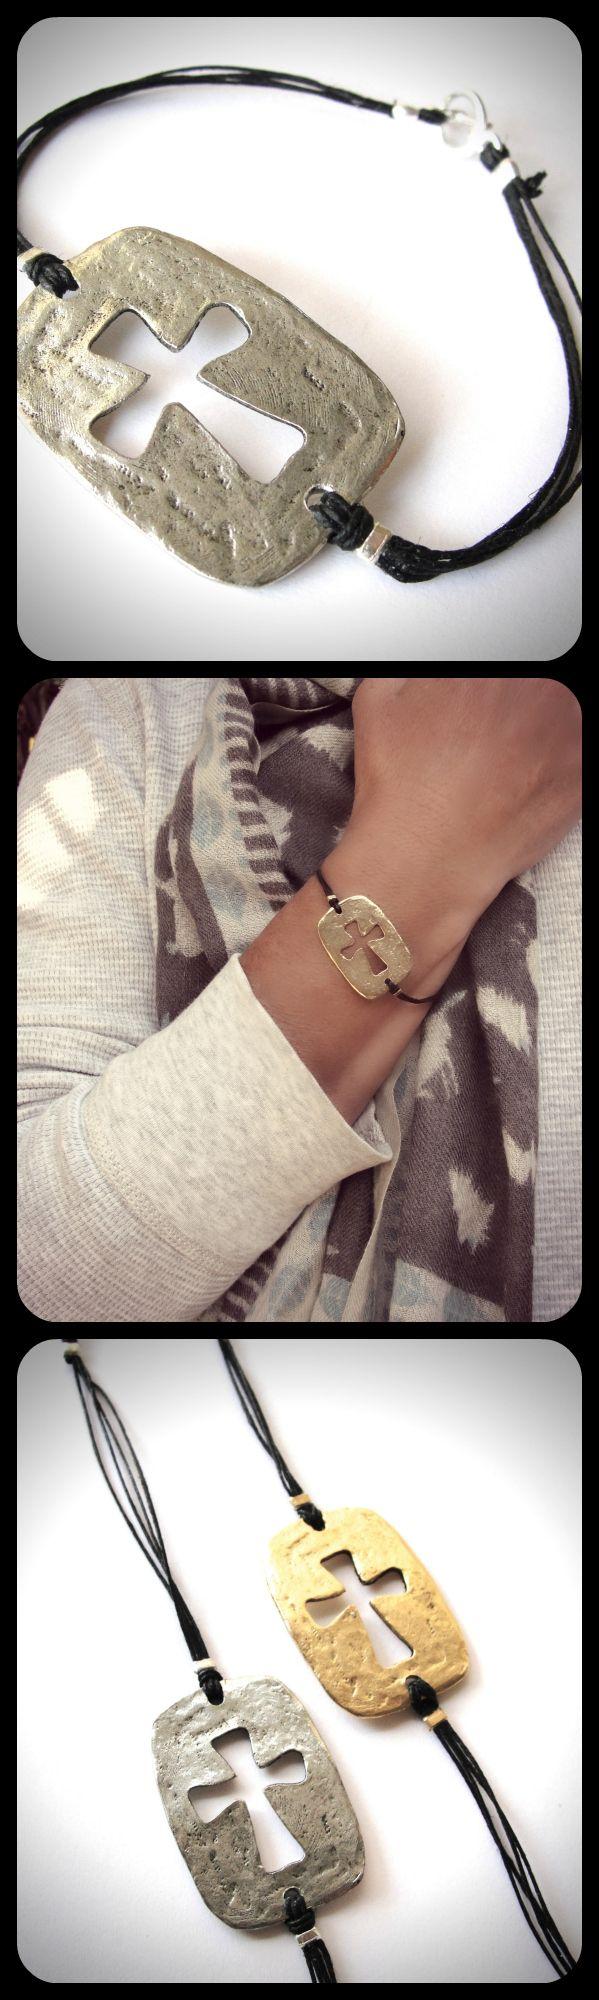 #Sideways cutout #cross #bracelets in pewter on black linen cord...from JewelryByMaeBee on #Etsy.